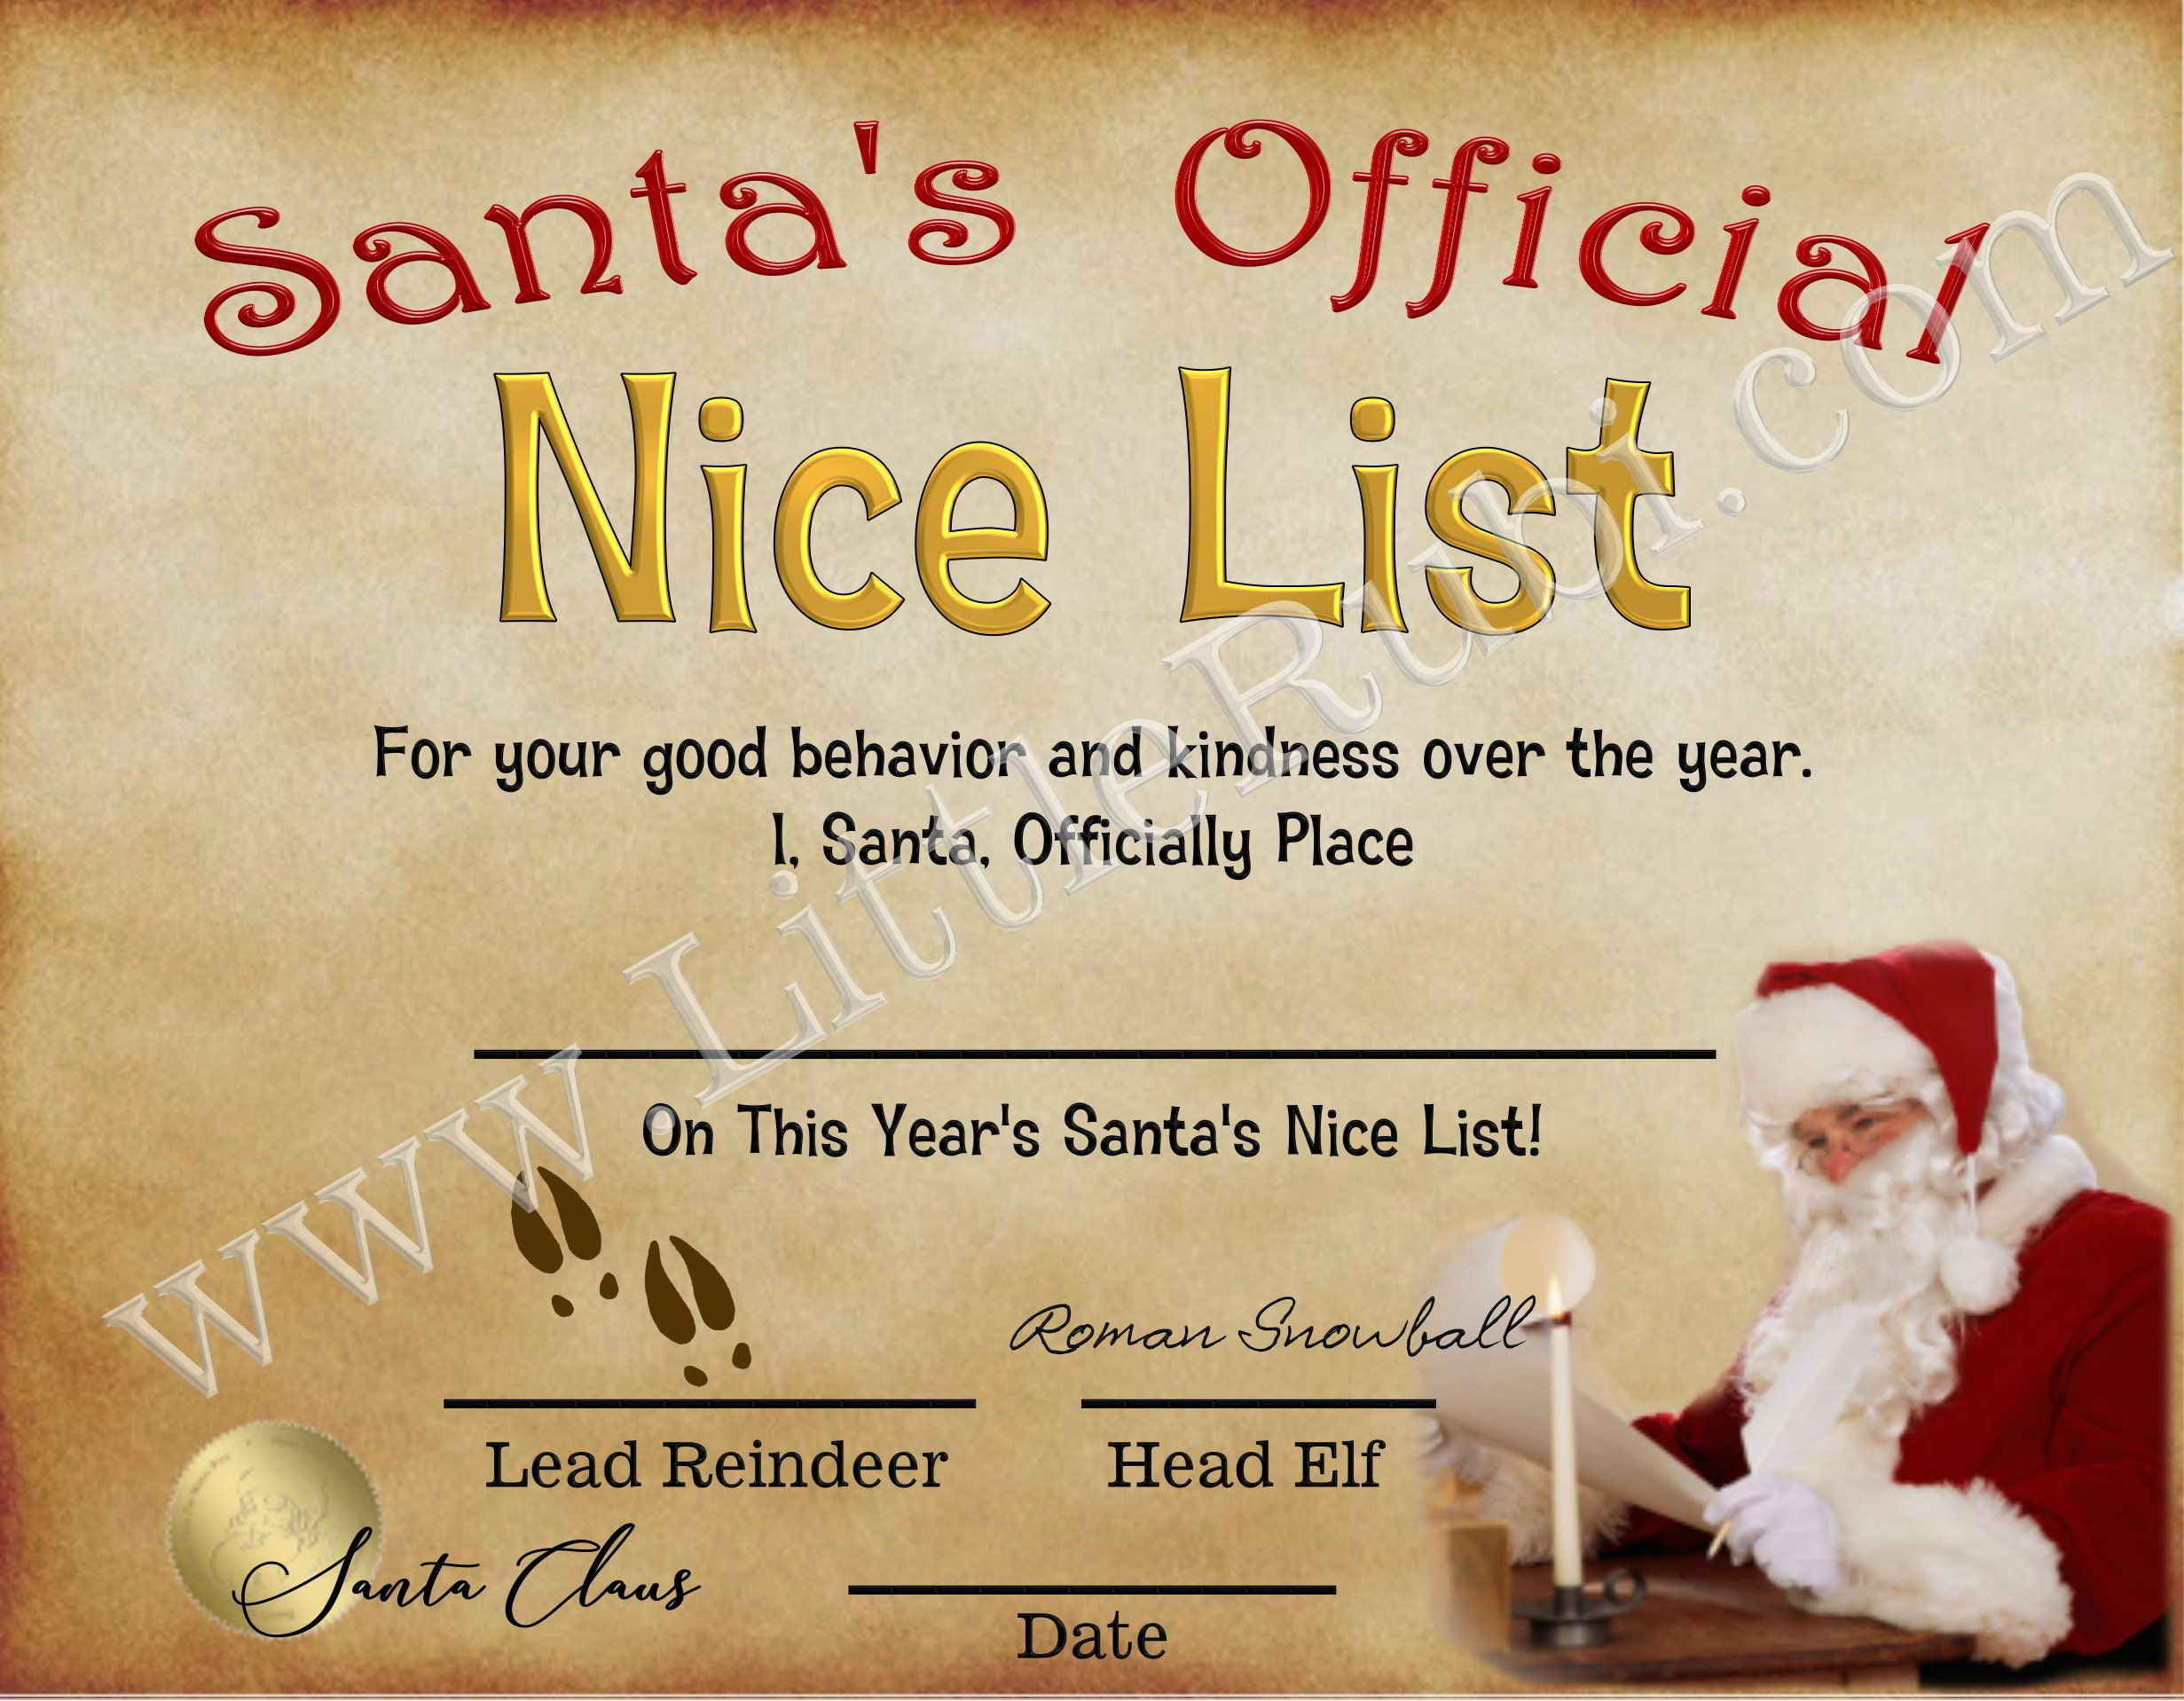 Santa S Nice List Certificate Letter From Santa Post Card For Children On Christmas